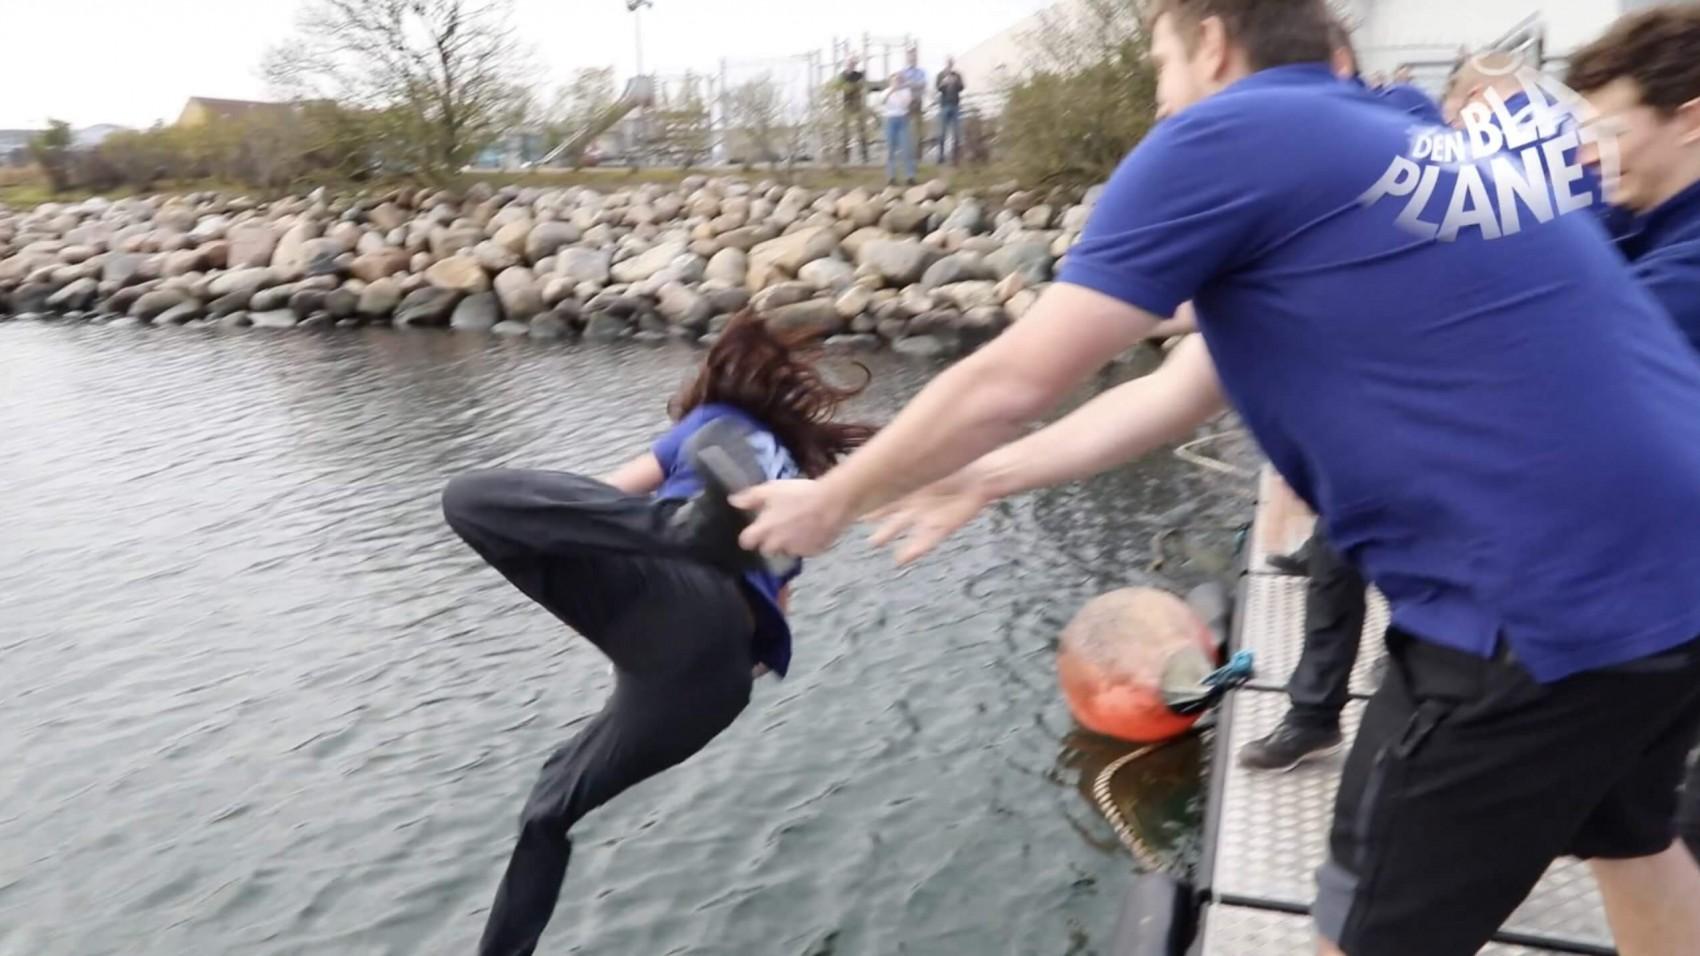 Dyrepassere blev kylet i havet